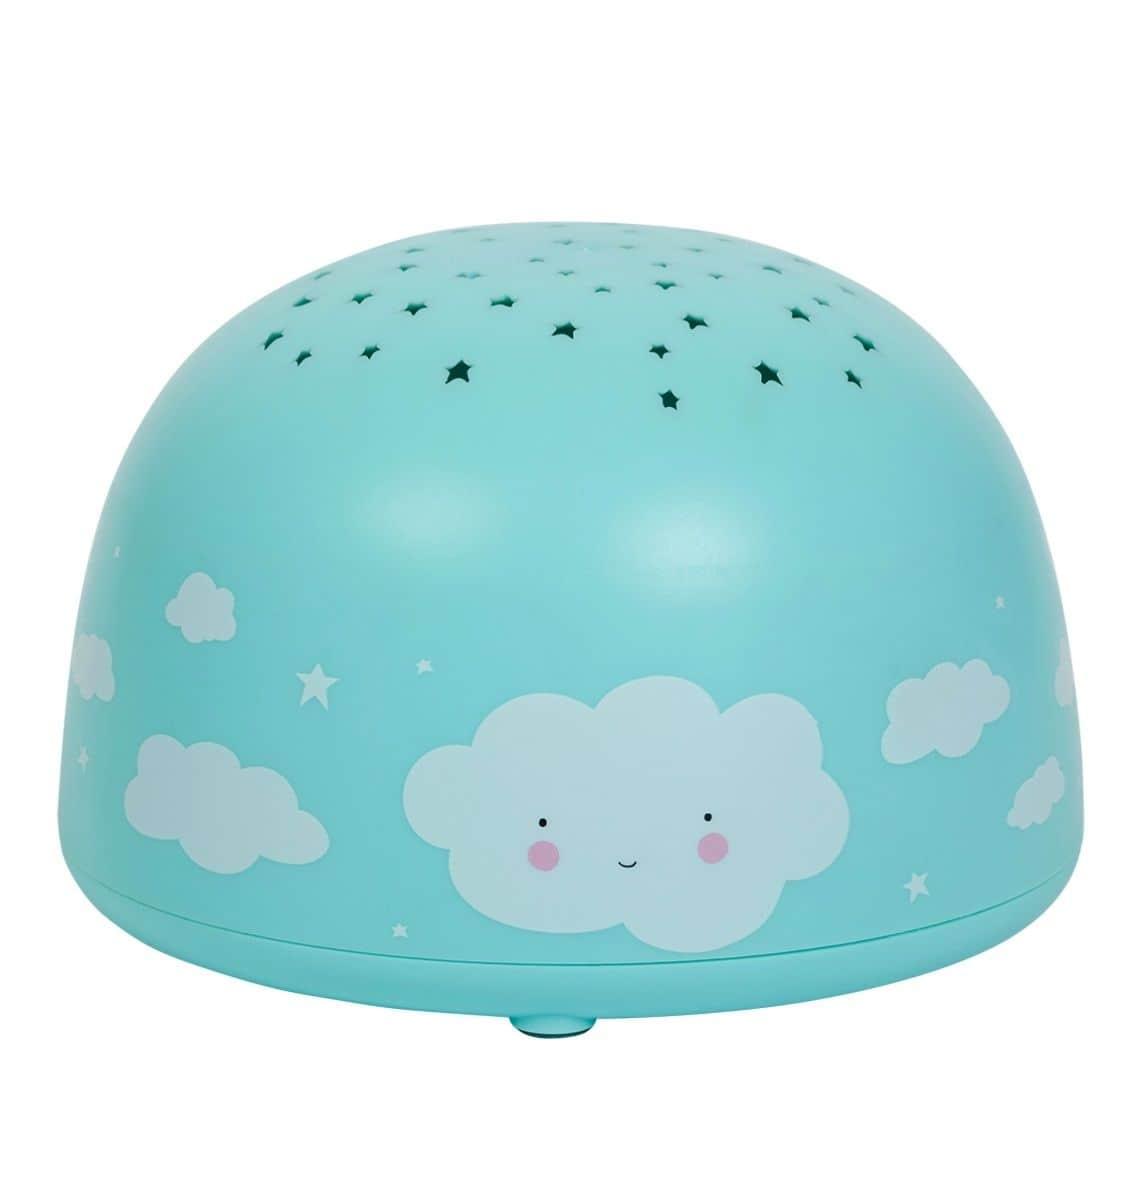 A Little Lovely Company Dětská LED lampička s projektorem noční oblohy Cloud, modrá barva, plast